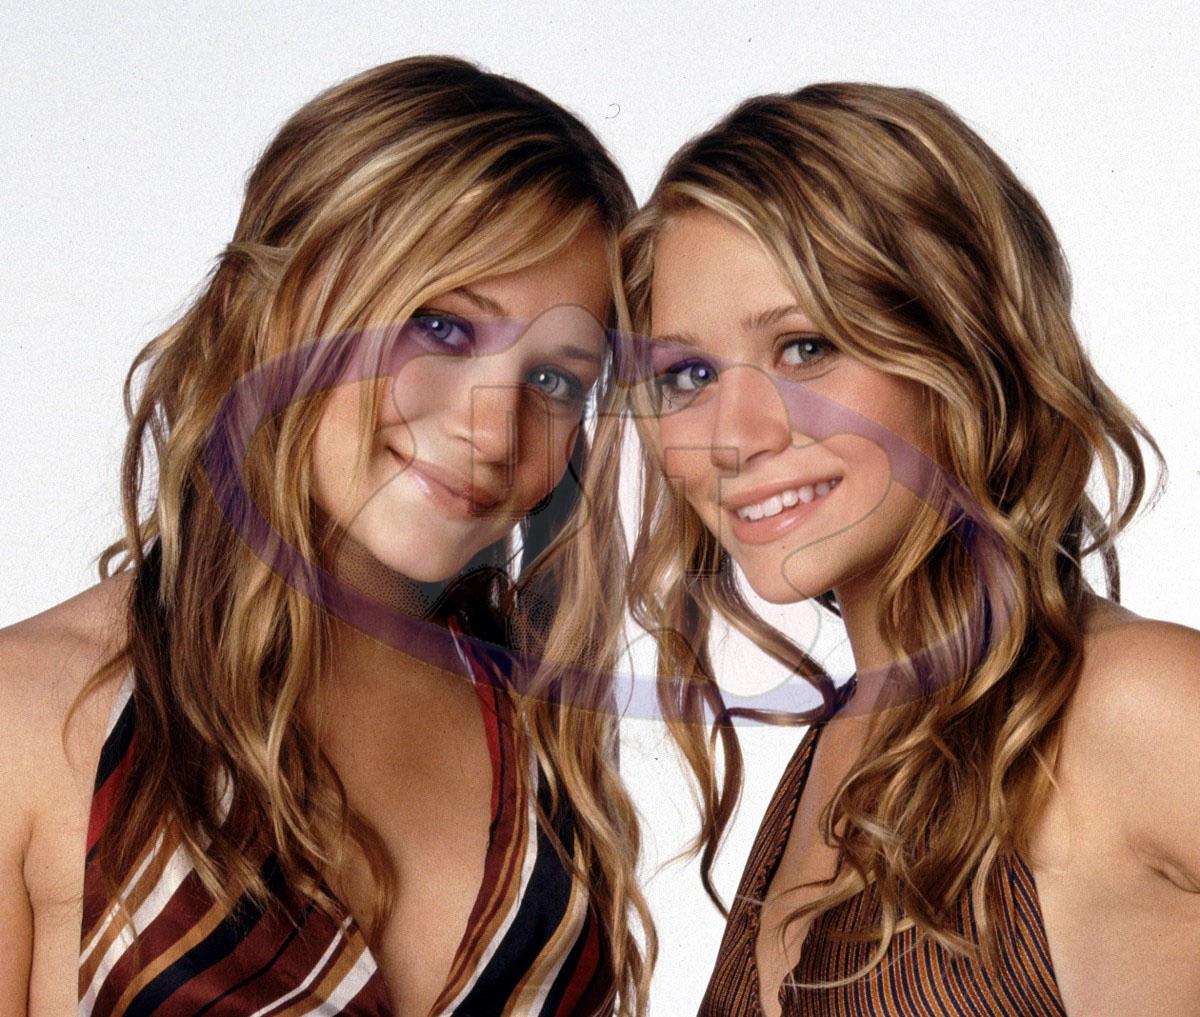 Смотреть порно с красивыми сестрами в ванной 10 фотография